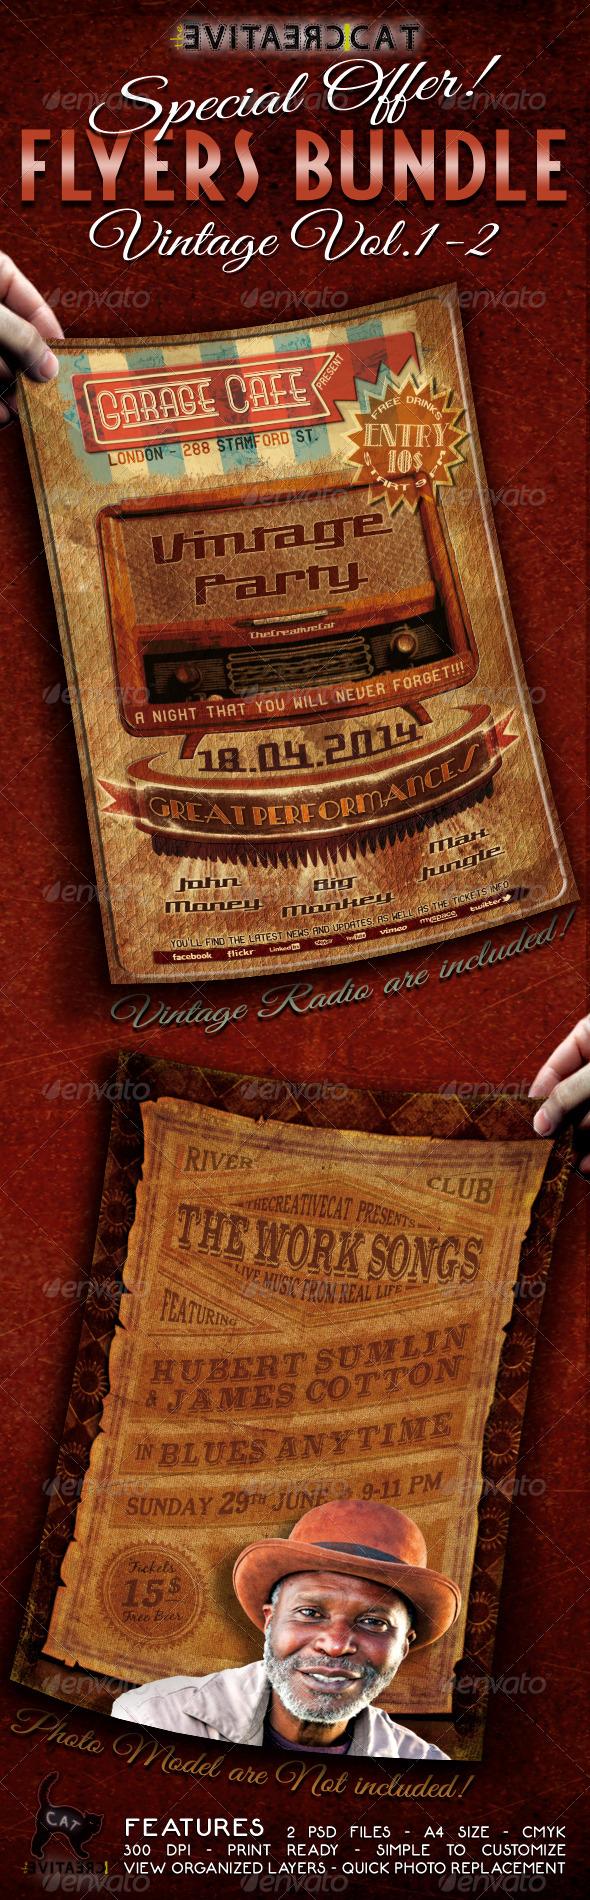 Vintage Flyer/Poster Bundle Vol.12 Letterpress type